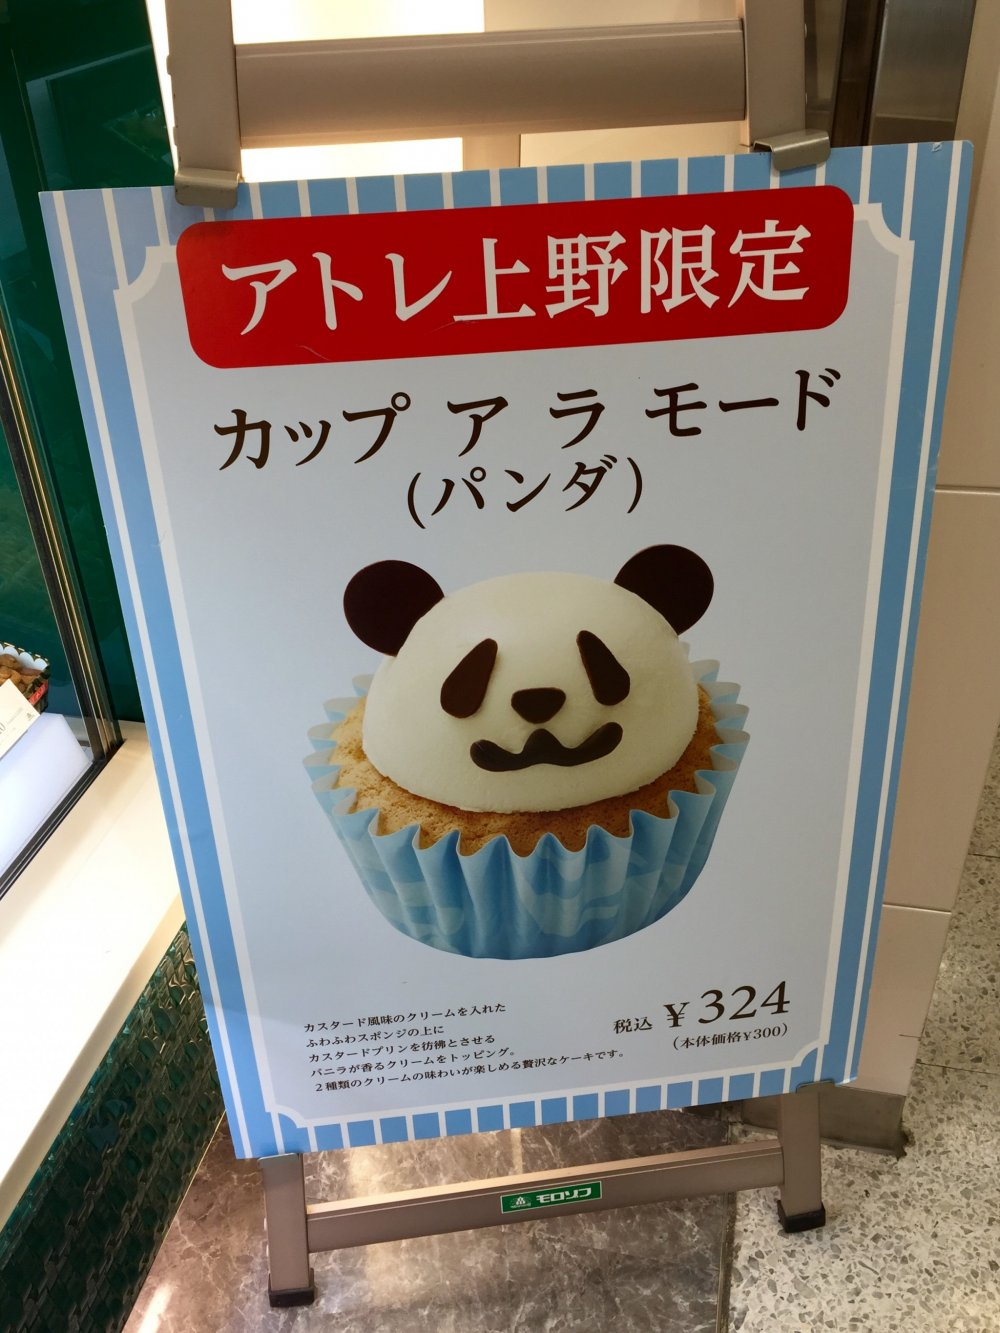 Такие капкейки с головой панды есть только в Atre Ueno, ведь рядом - зоопарк